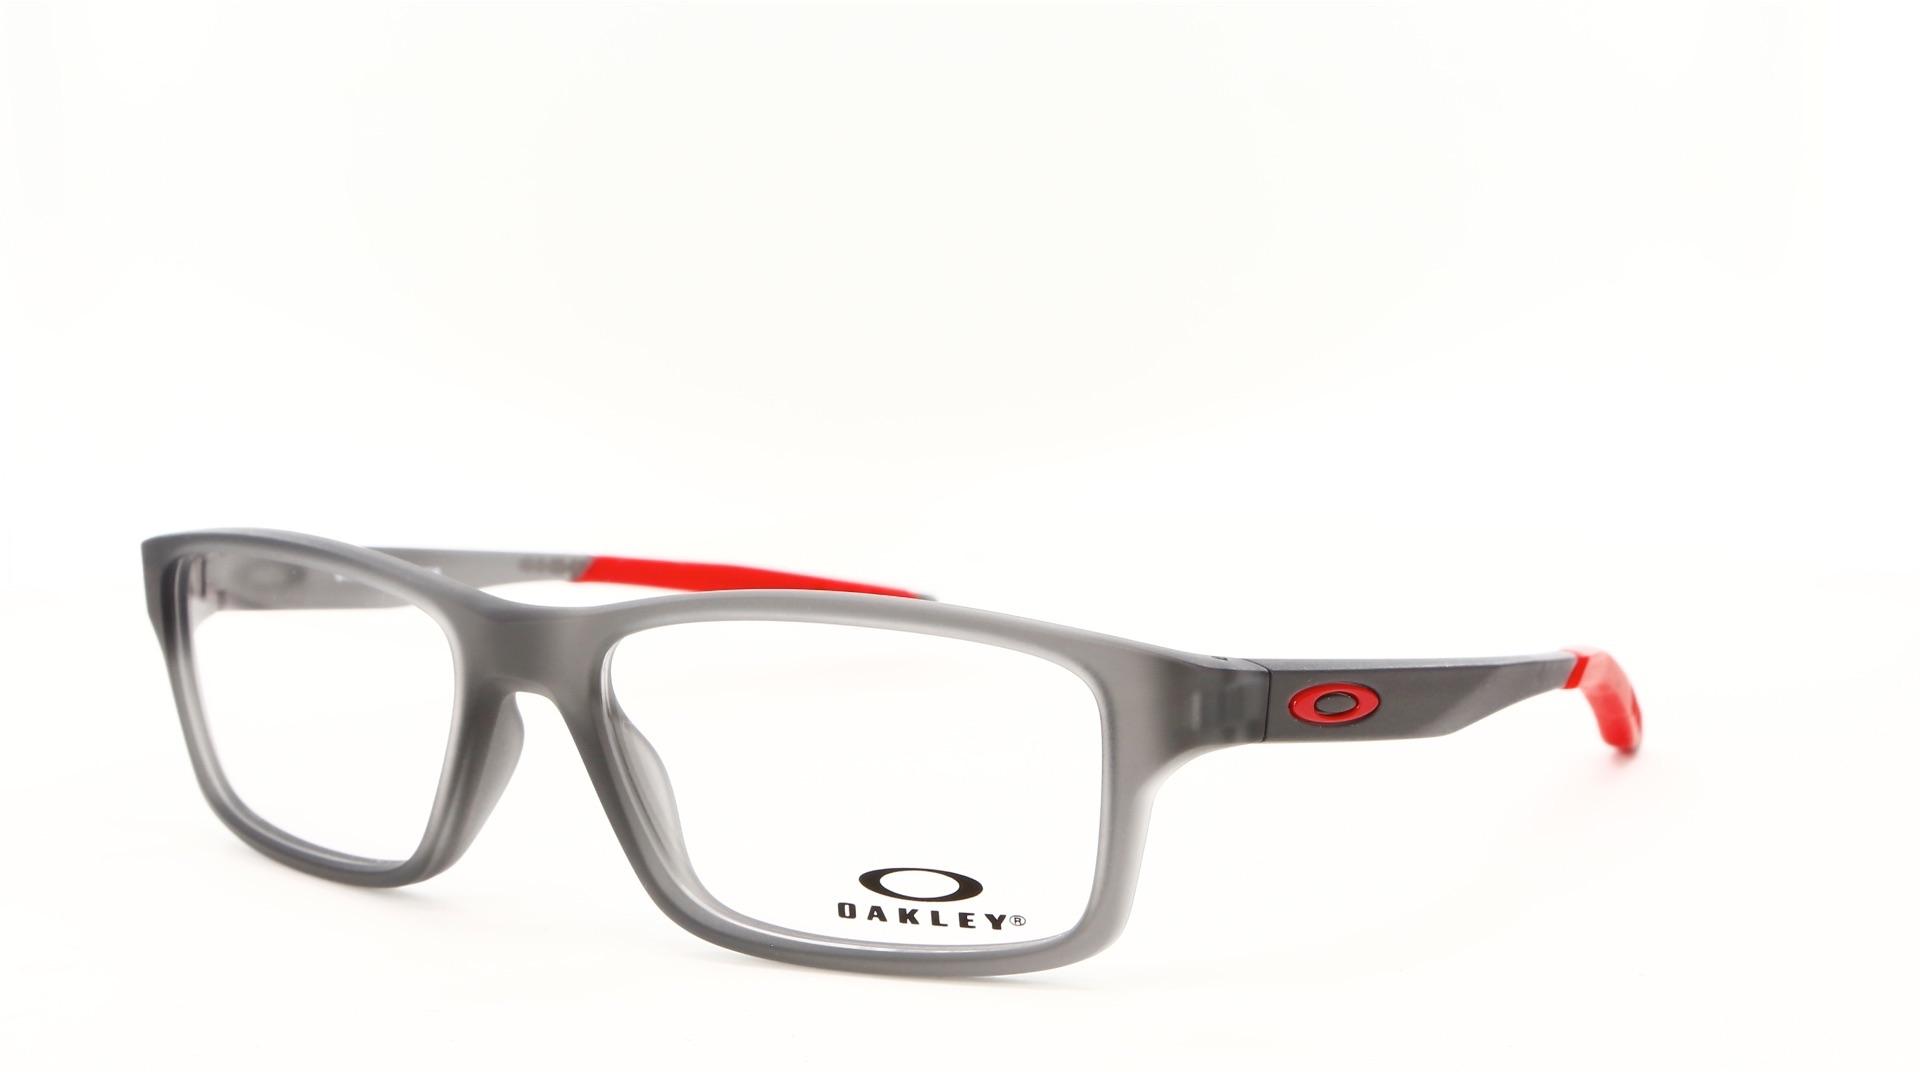 Oakley - ref: 77904